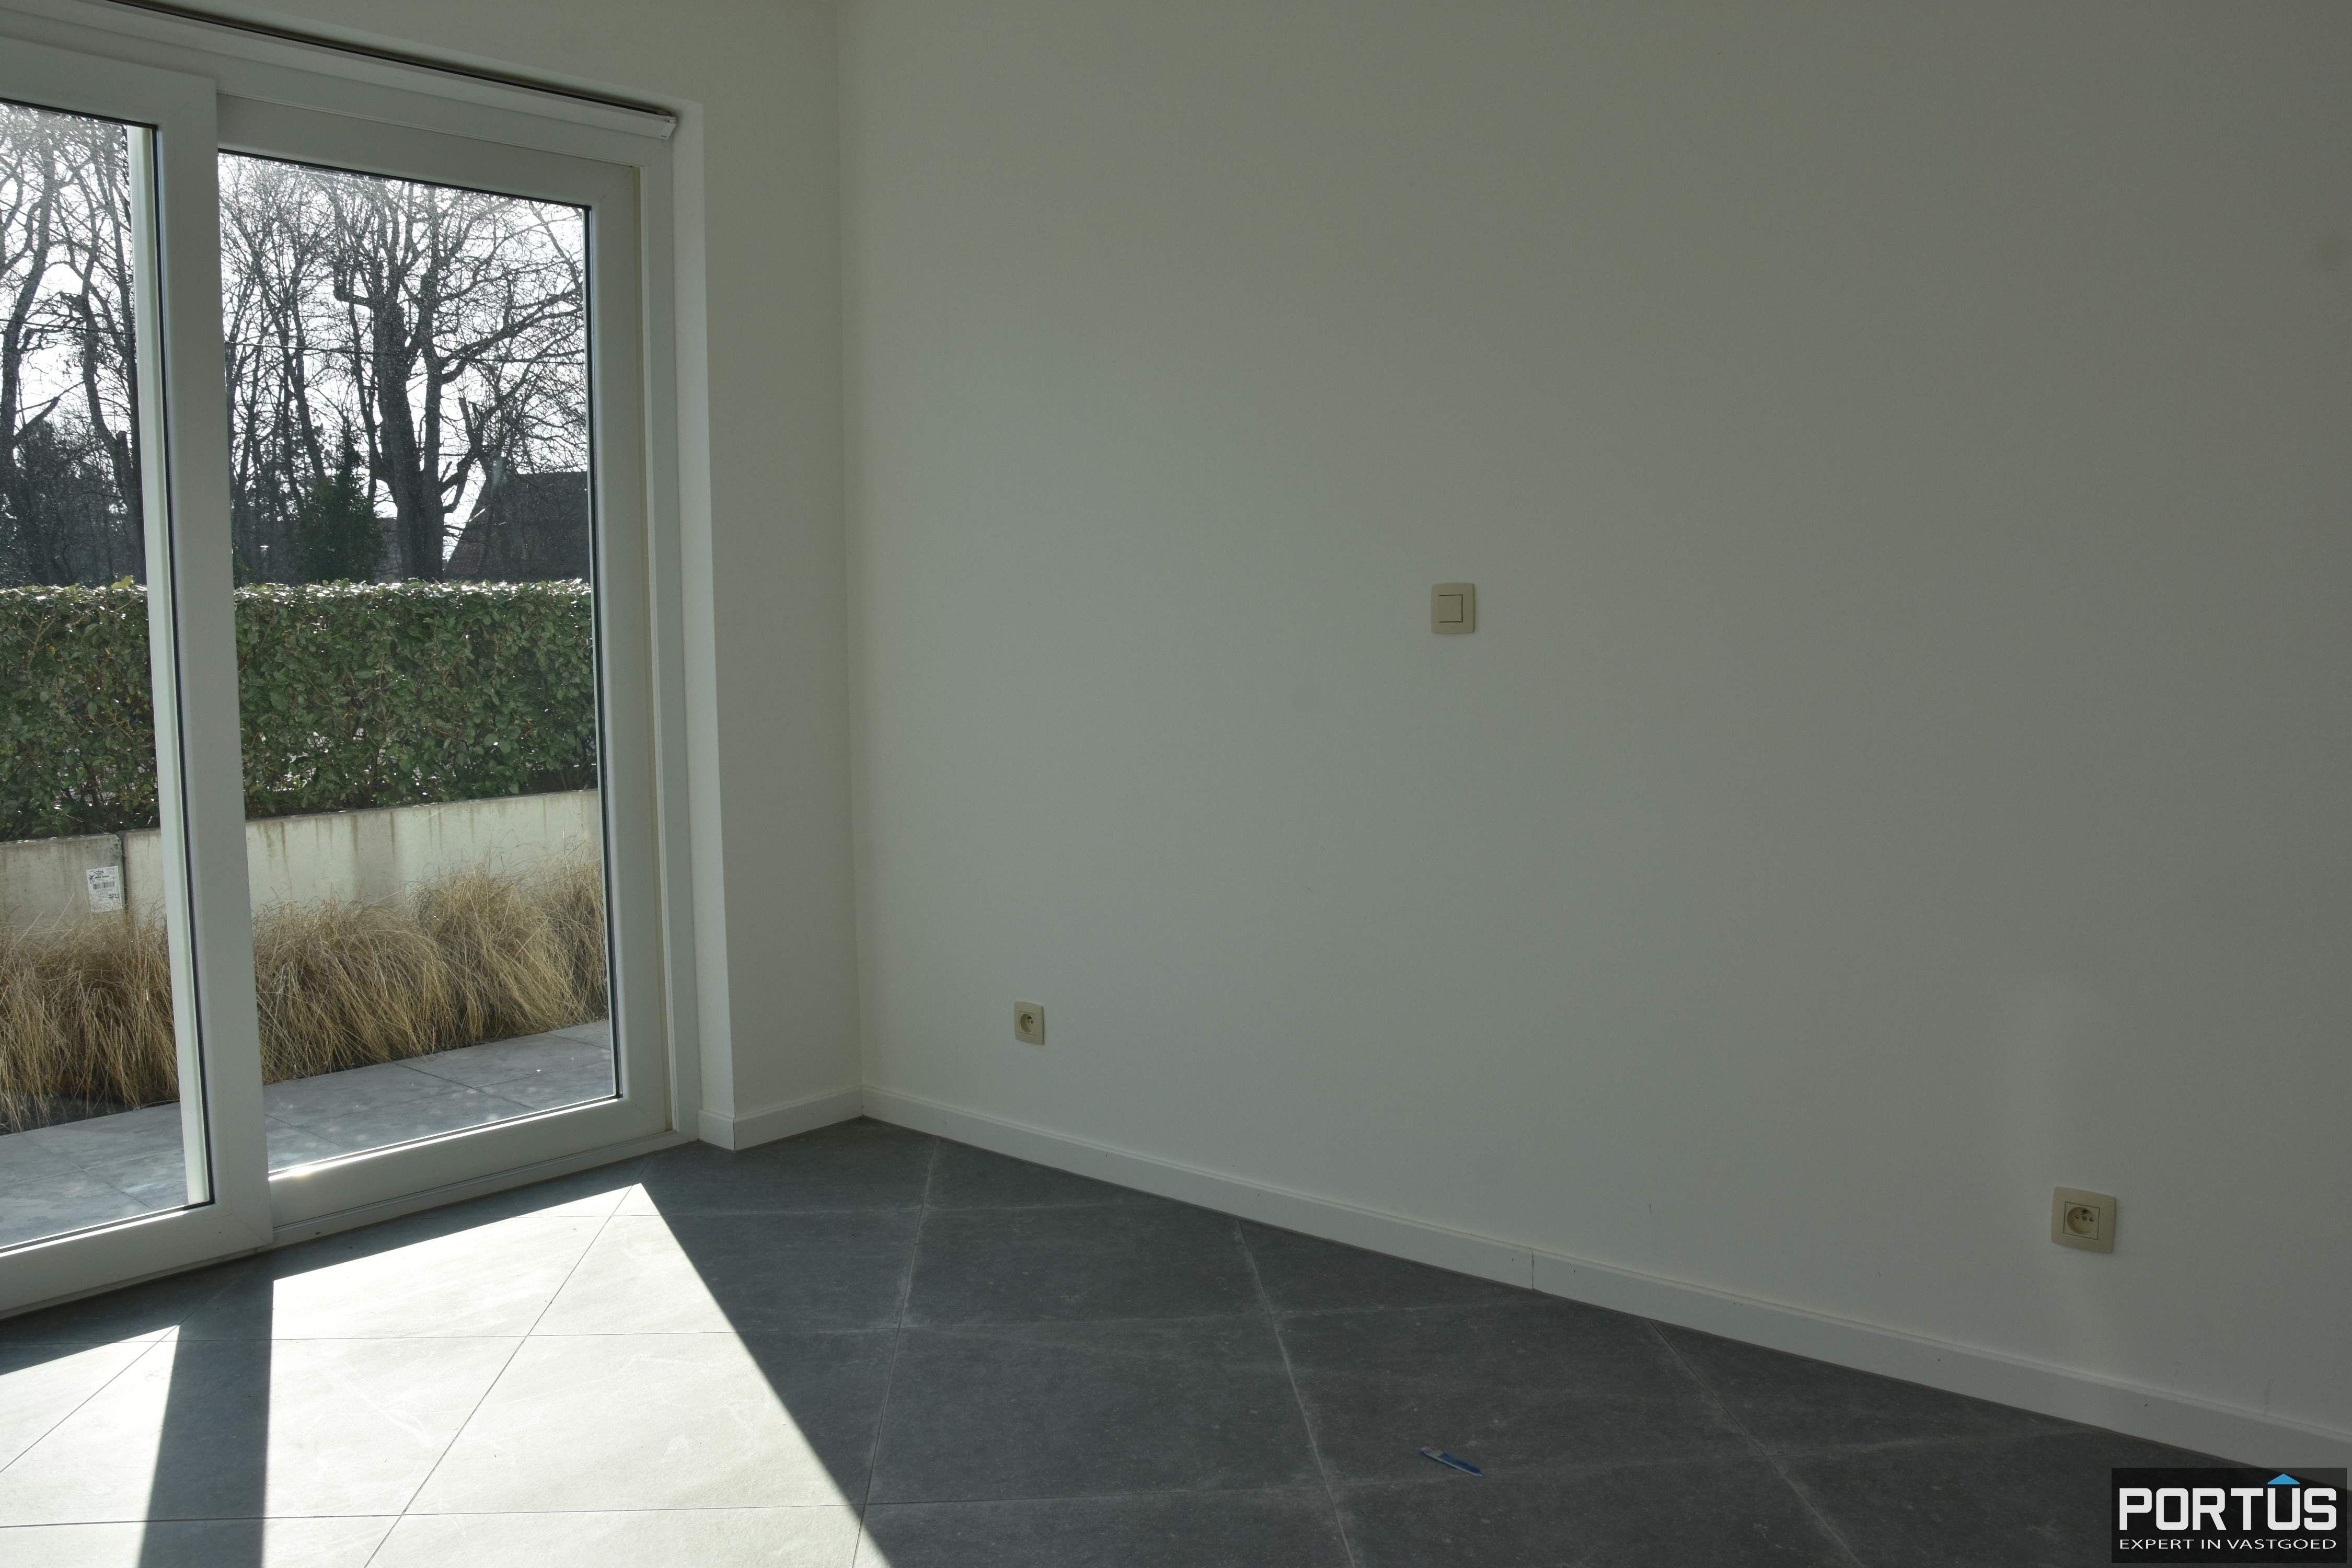 Appartement Residentie Villa Crombez Nieuwpoort - 9277